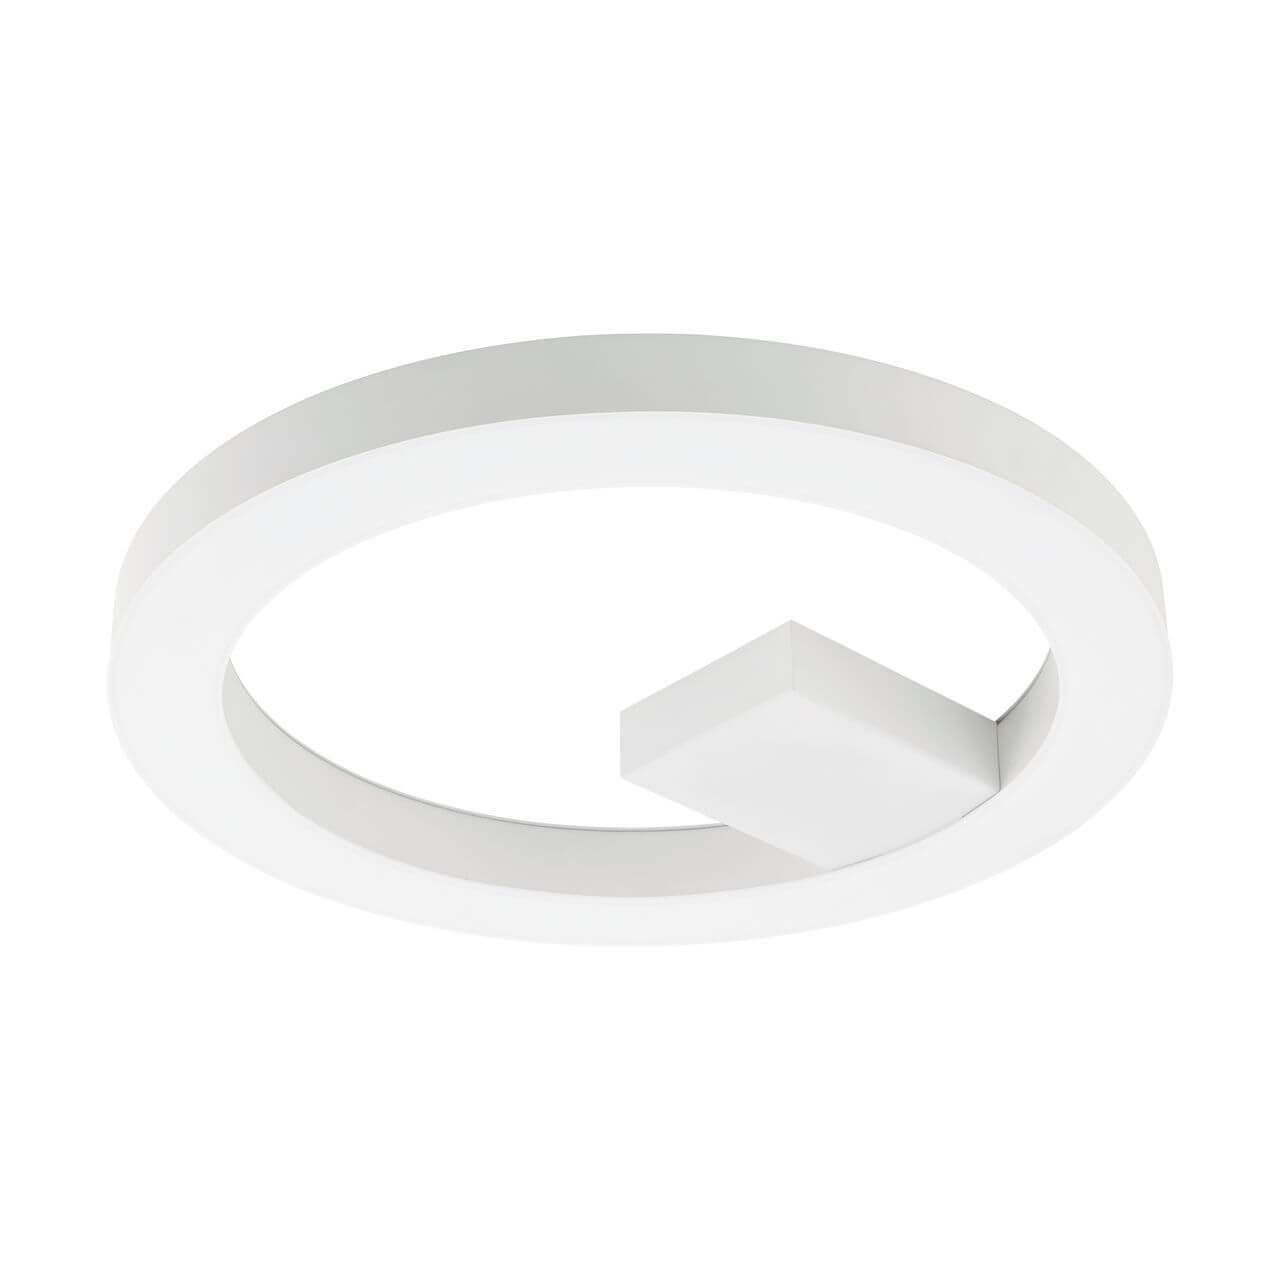 Потолочный светильник Eglo 96655, белый eglo 95175